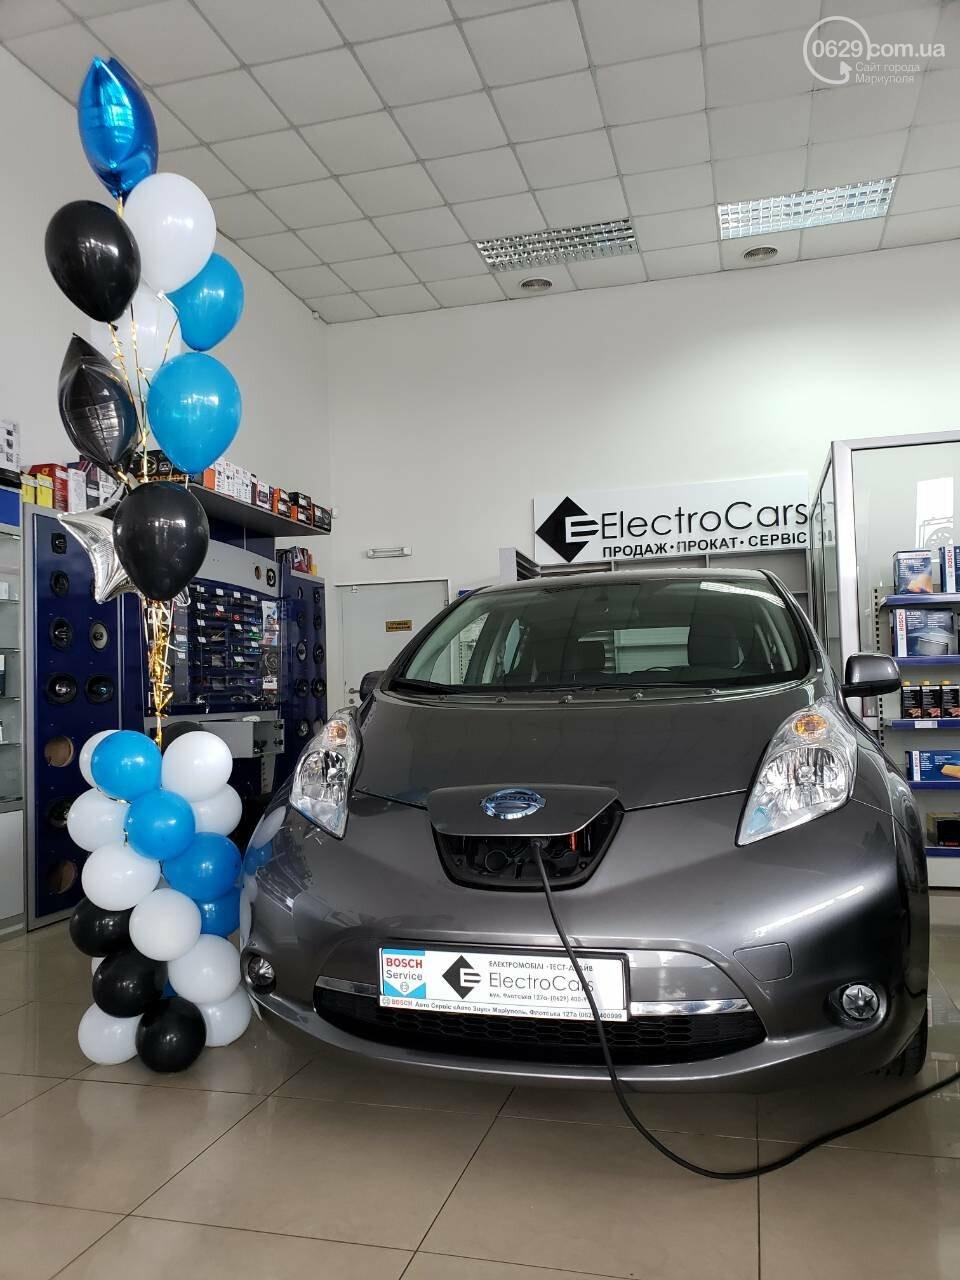 В Мариуполе открылся Автосалоне электромобилей «ElectroCars» , фото-5